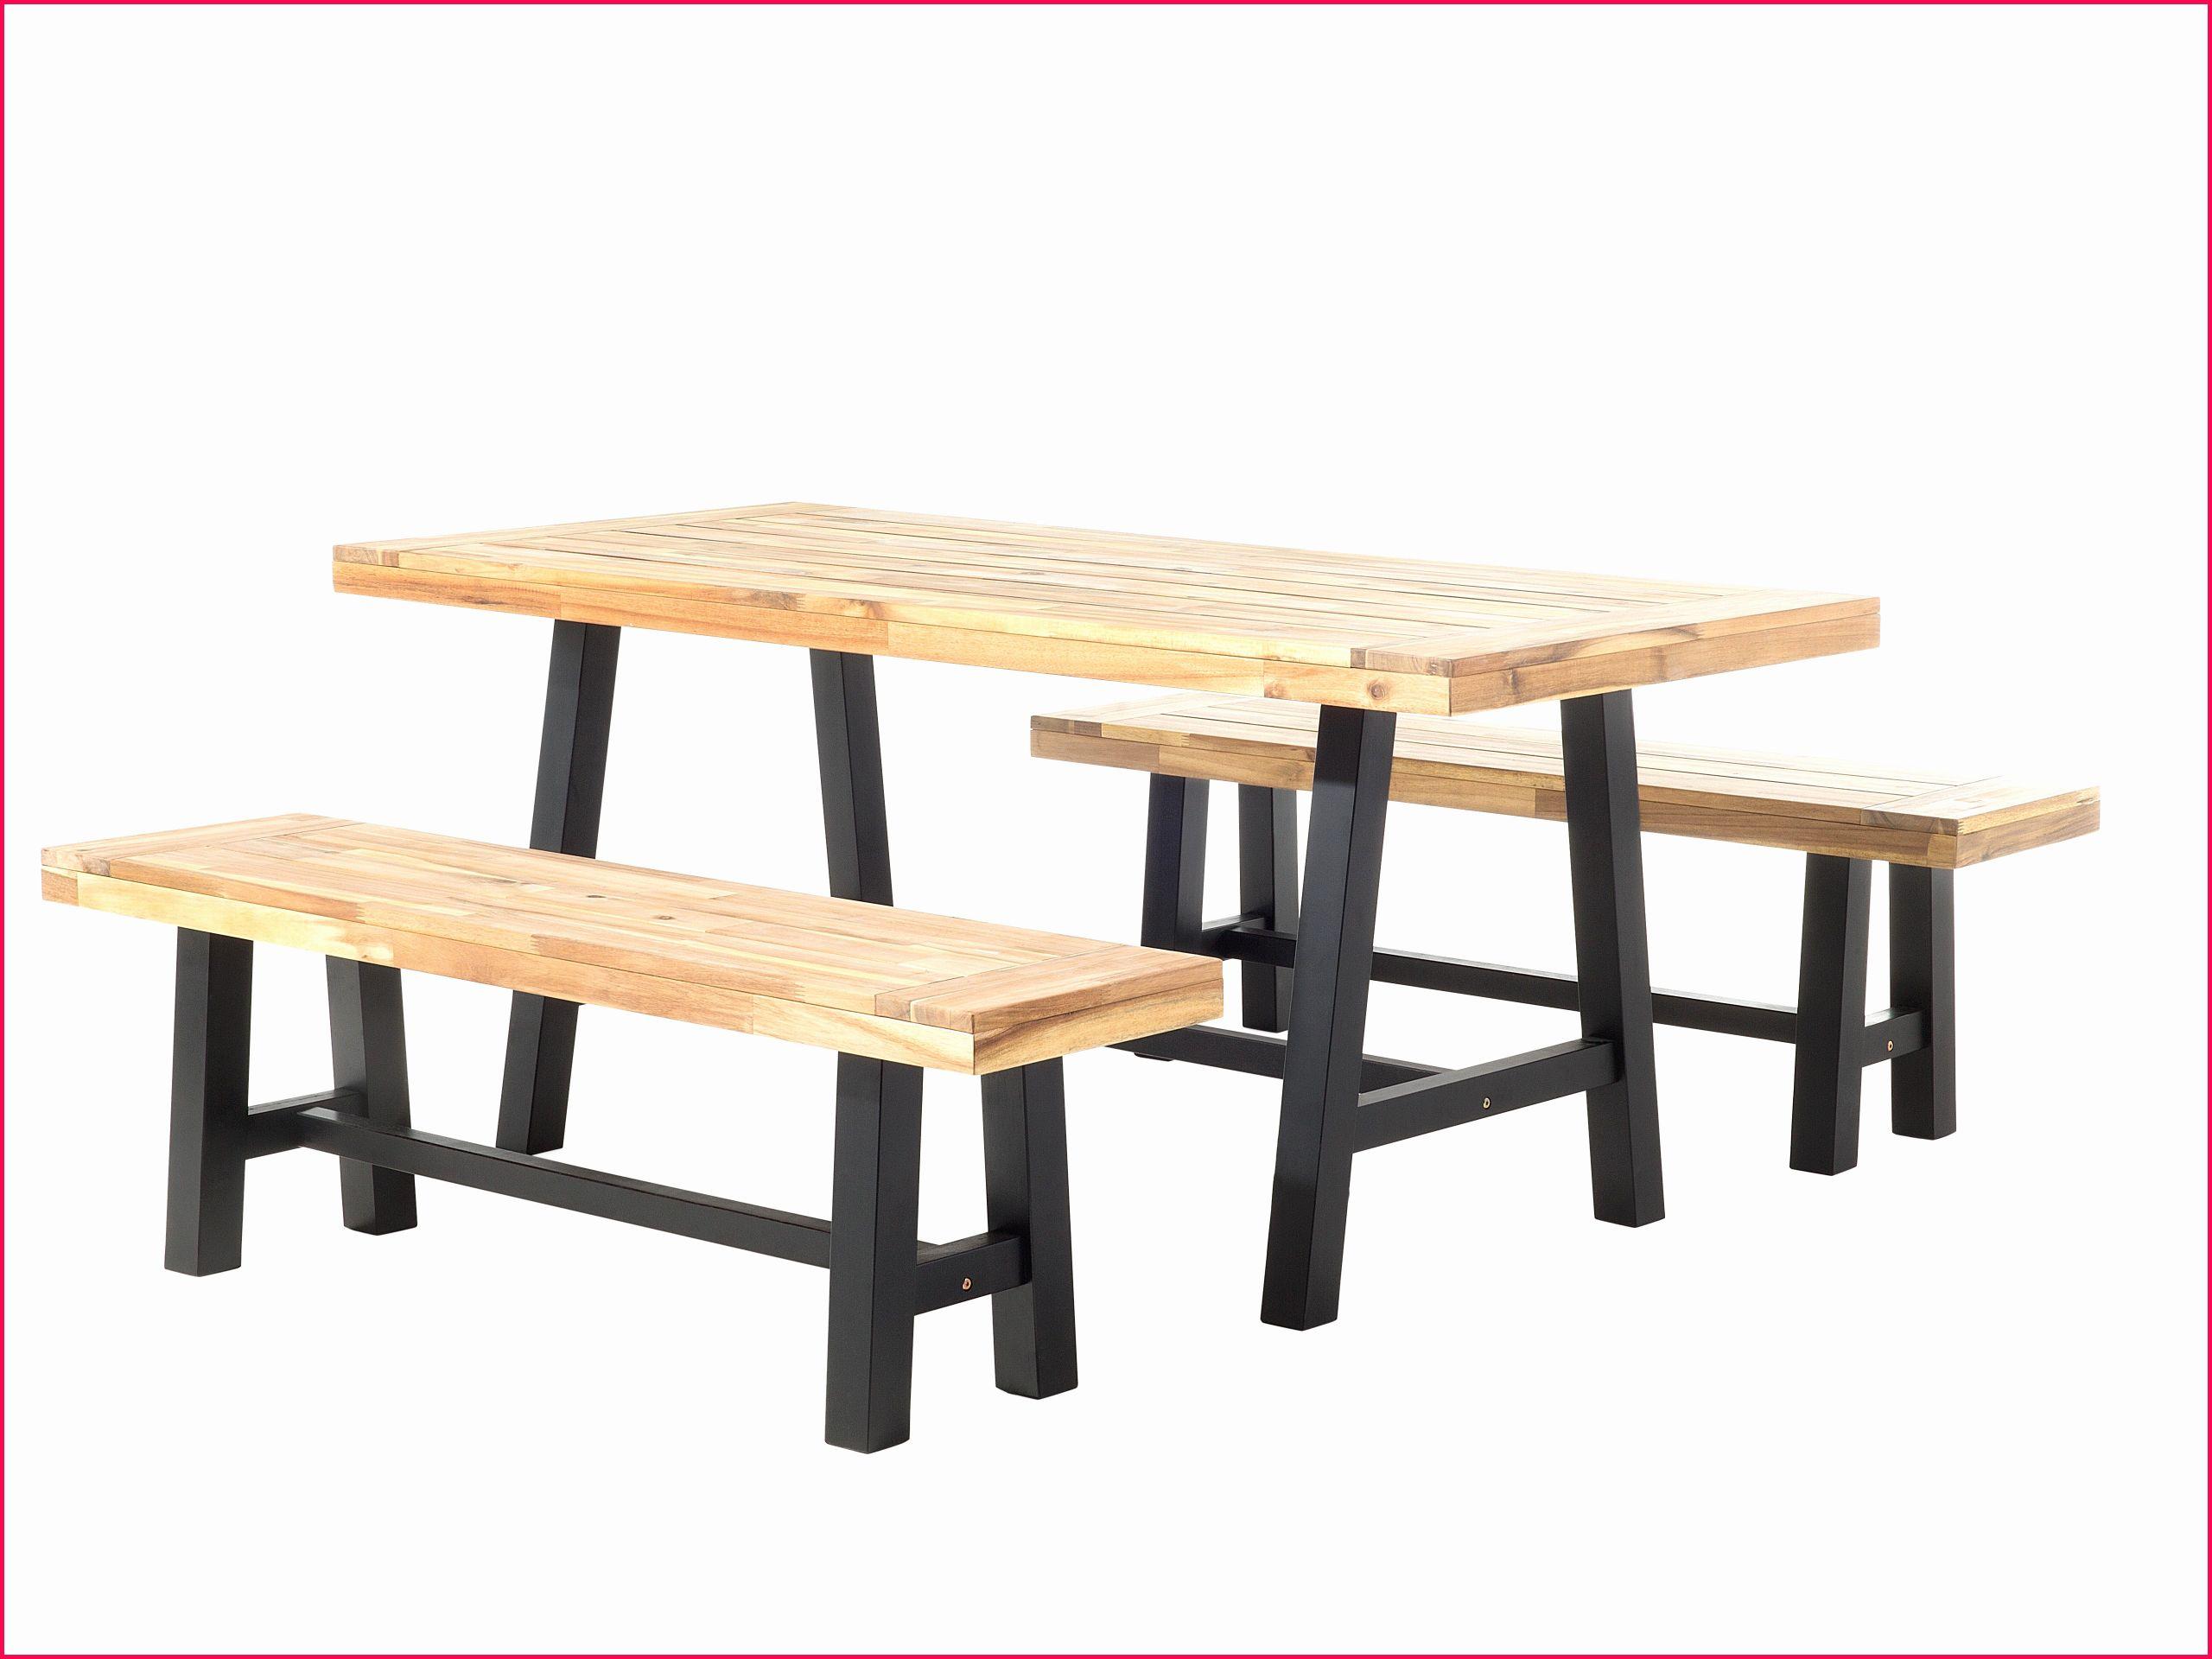 Petite Table Basse Exterieur Nouveau Petite Table Gifi élégant 34 Charmant Table Gifi Jardin